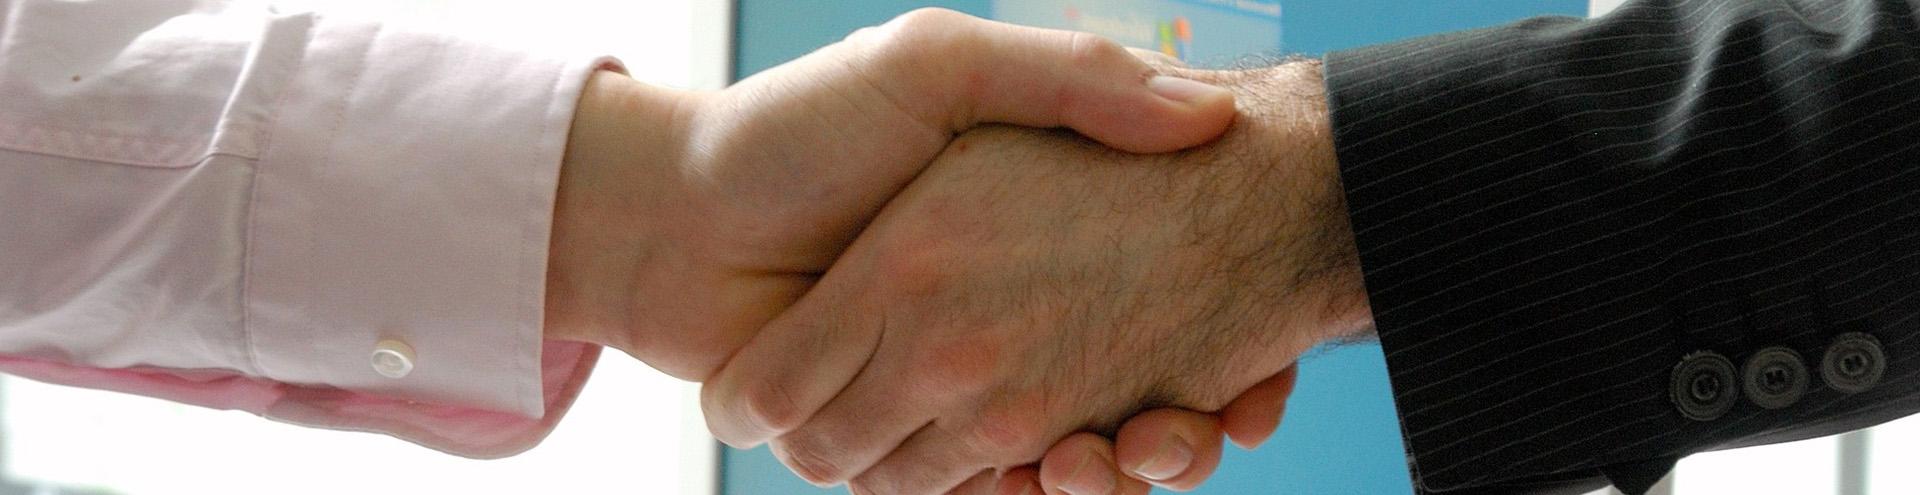 арбитражное урегулирование споров в Чебоксарах